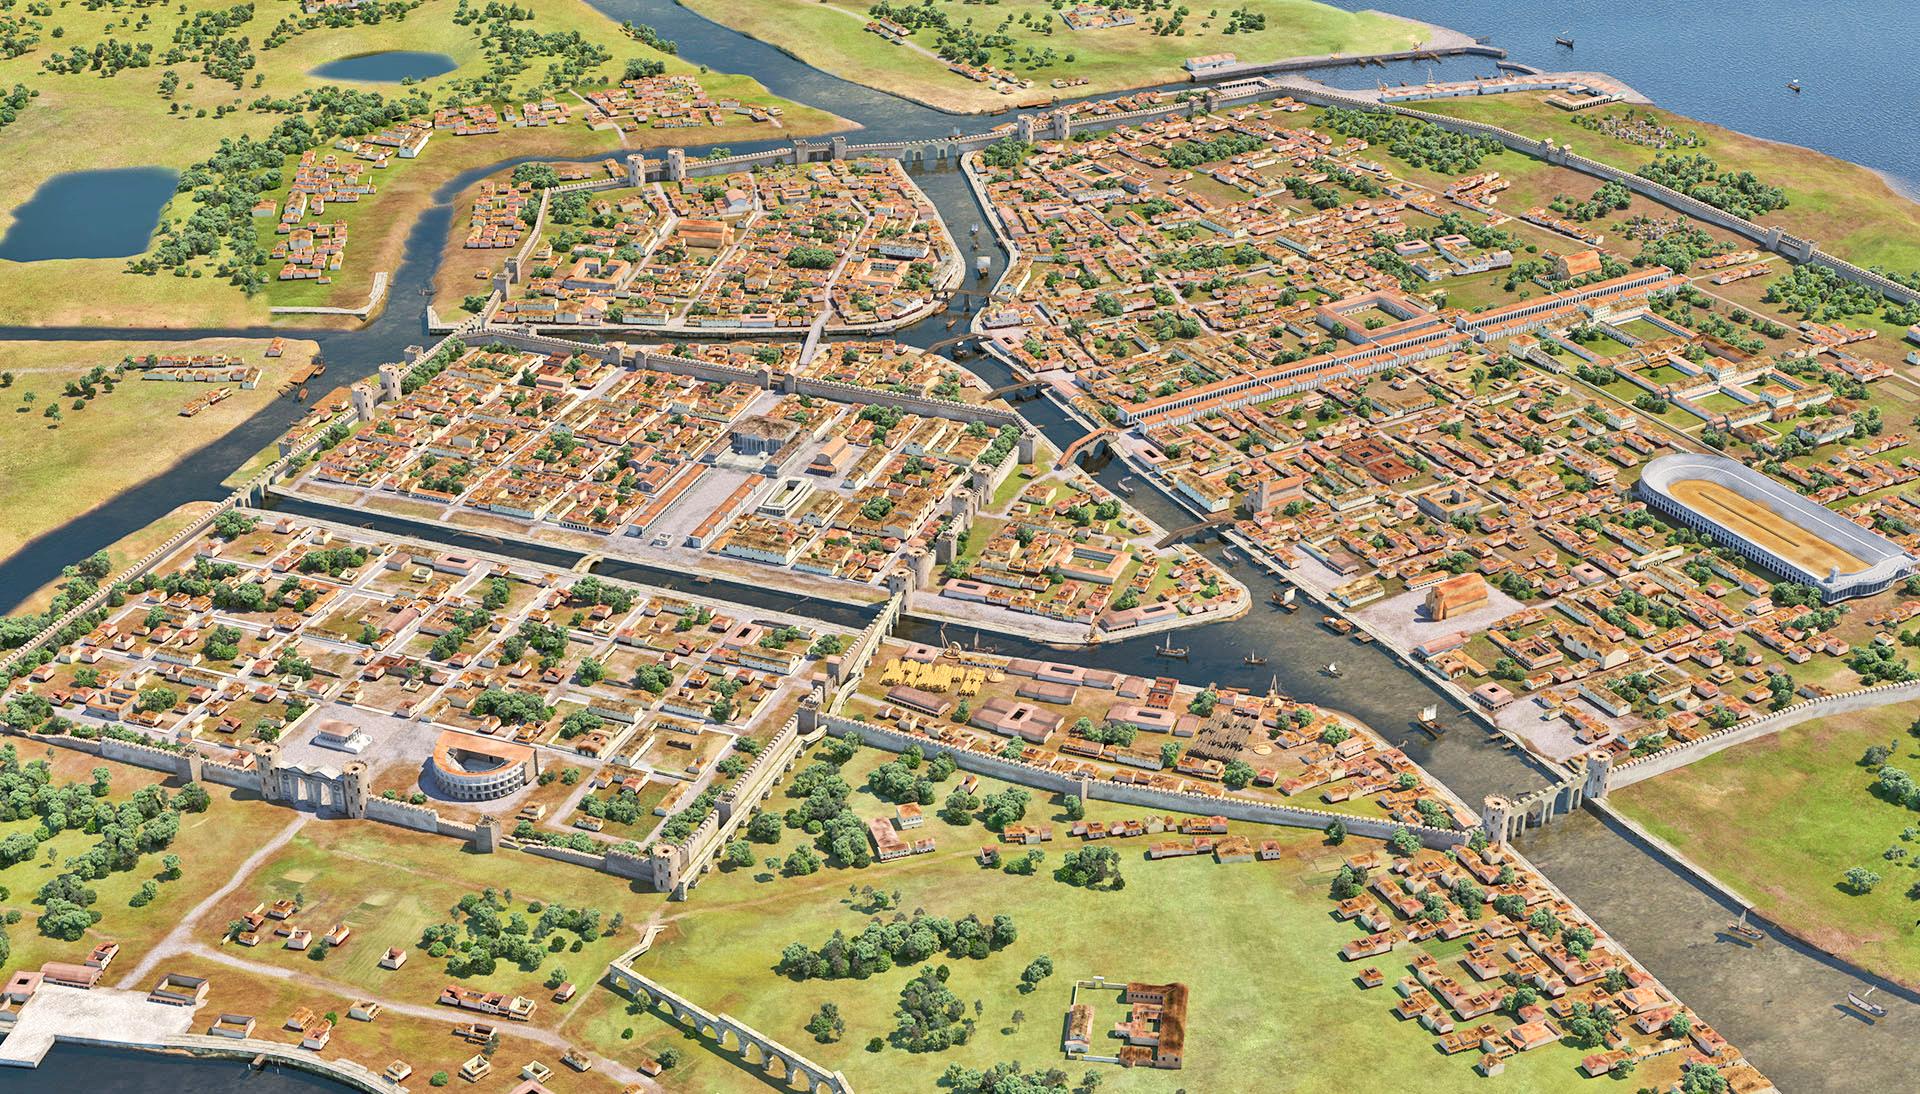 Ravenna come appariva ai tempi dell'Impero romano